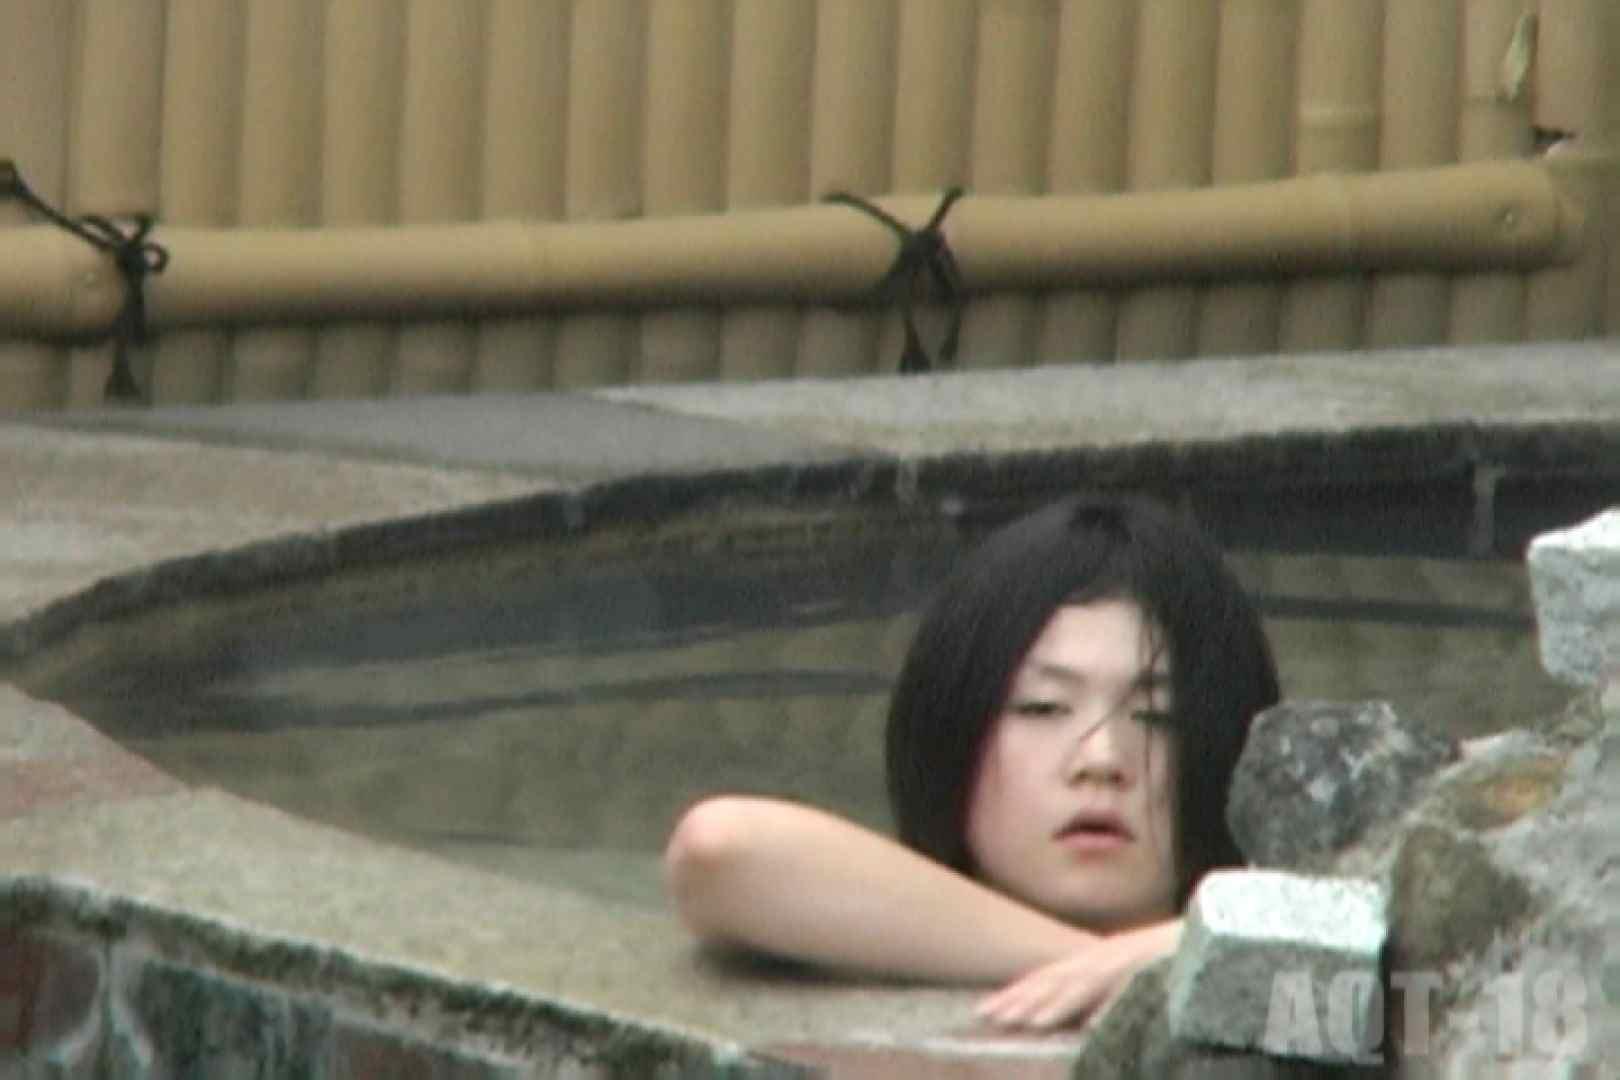 Aquaな露天風呂Vol.859 0   0  90pic 31